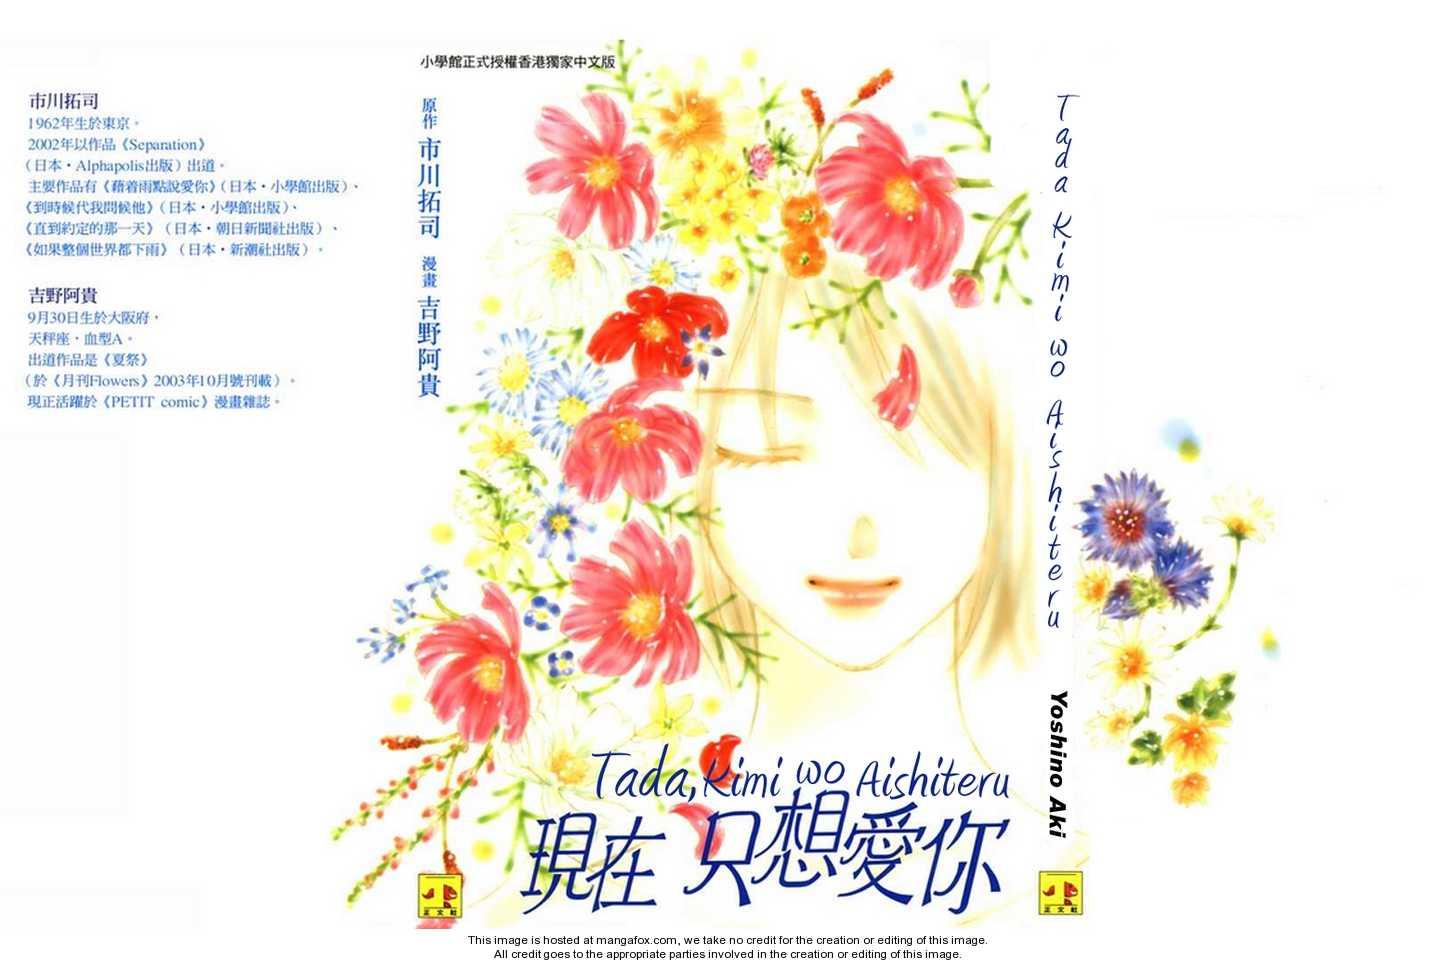 Tada, Kimi wo Aishiteru 1.1 Page 2